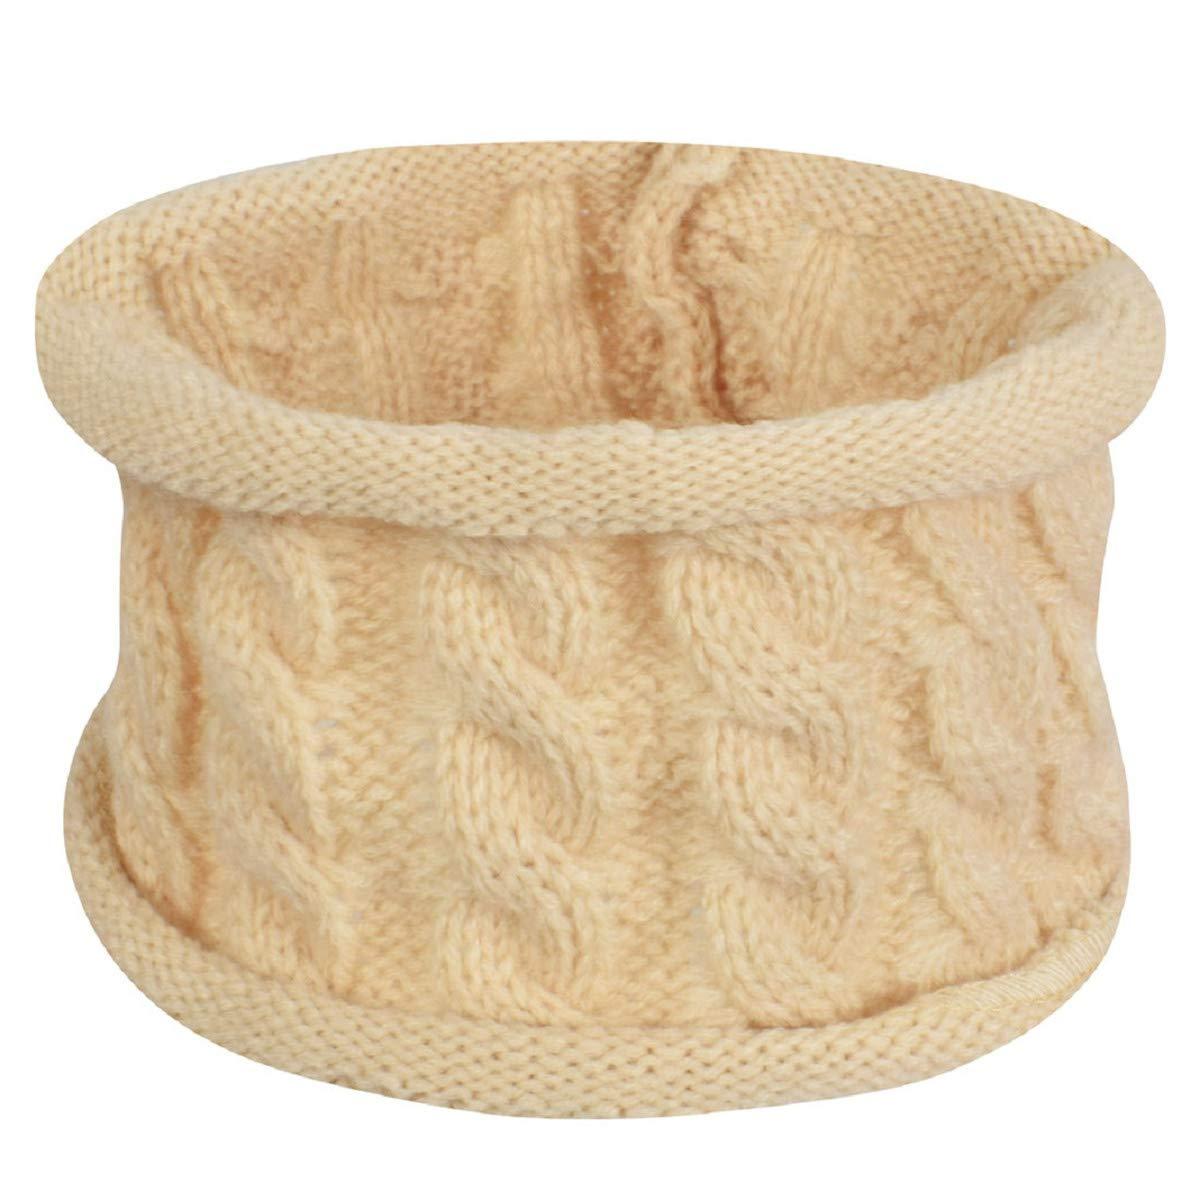 Tuopuda Sombrero para Ni/ños Y Ni/ñas Bufanda Conjunto Slouchy Invierno Grueso Bebe Beanie Gorros con Pompon Y Bufanda de Punto Cuello Redondo para 0-24 Meses Ni/ña Ni/ño